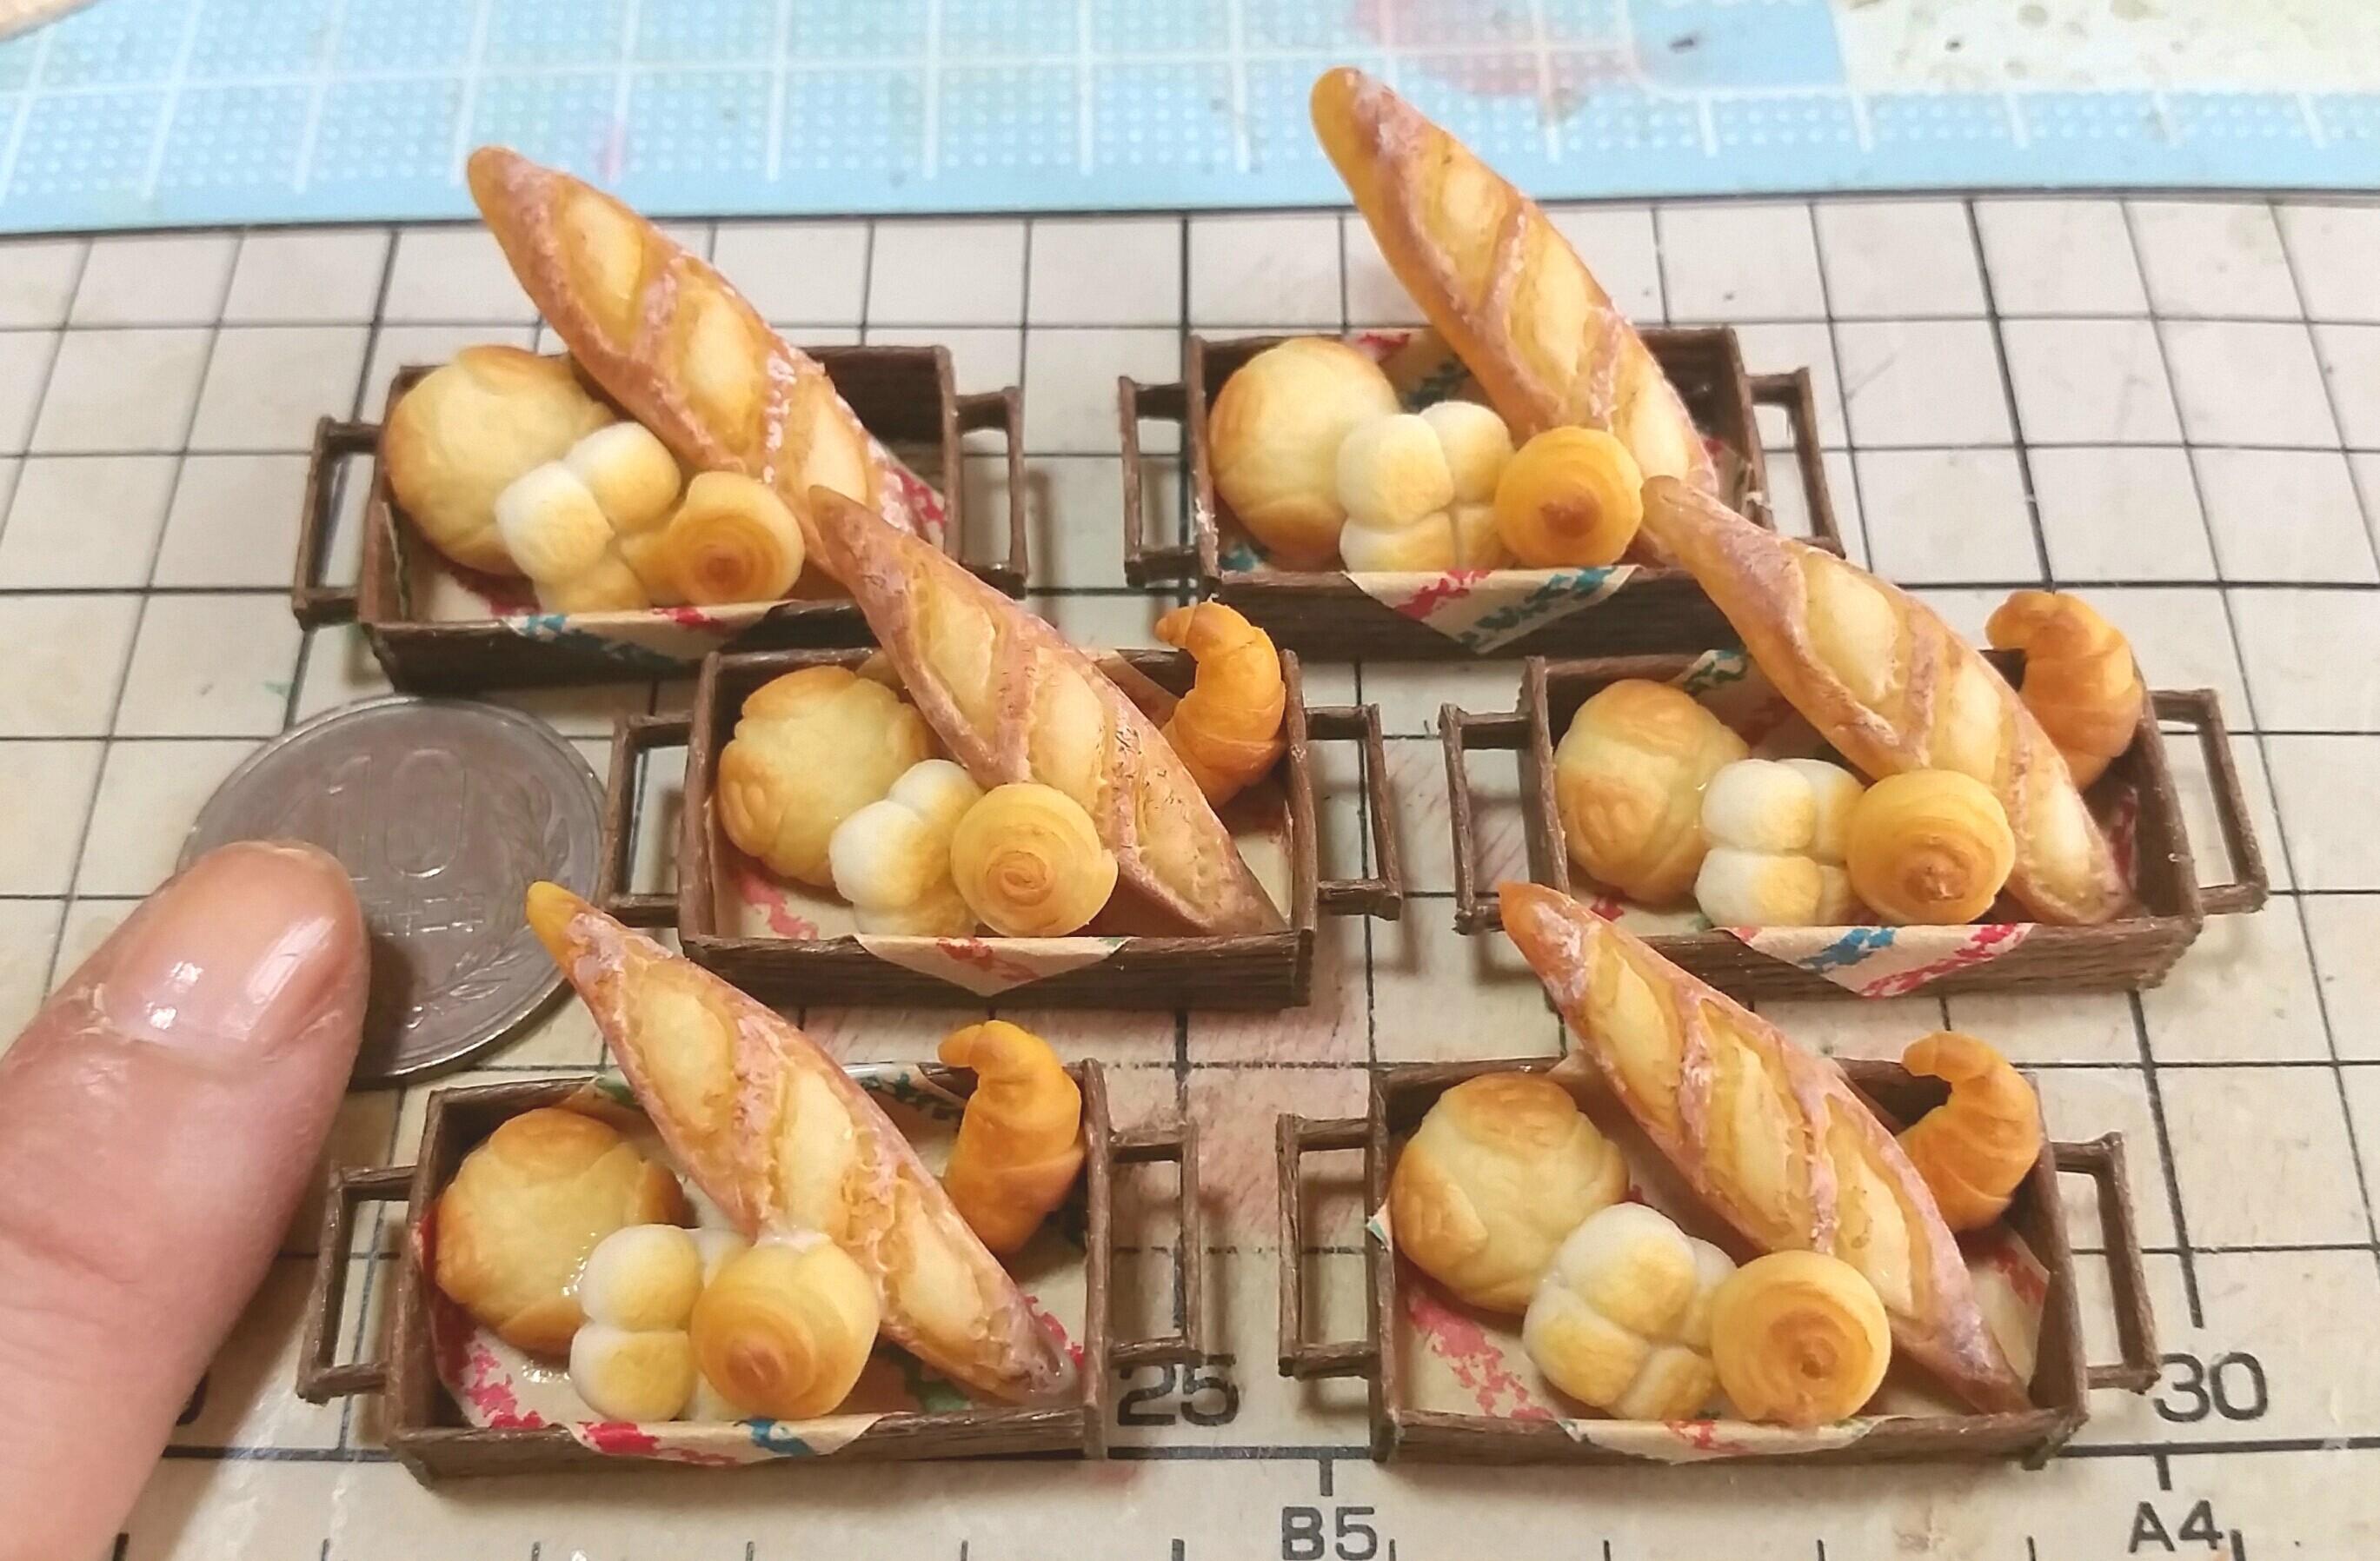 ミニチュアフード,パン,かわいい,かご,食べ物,ハンドメイド,よもぎ